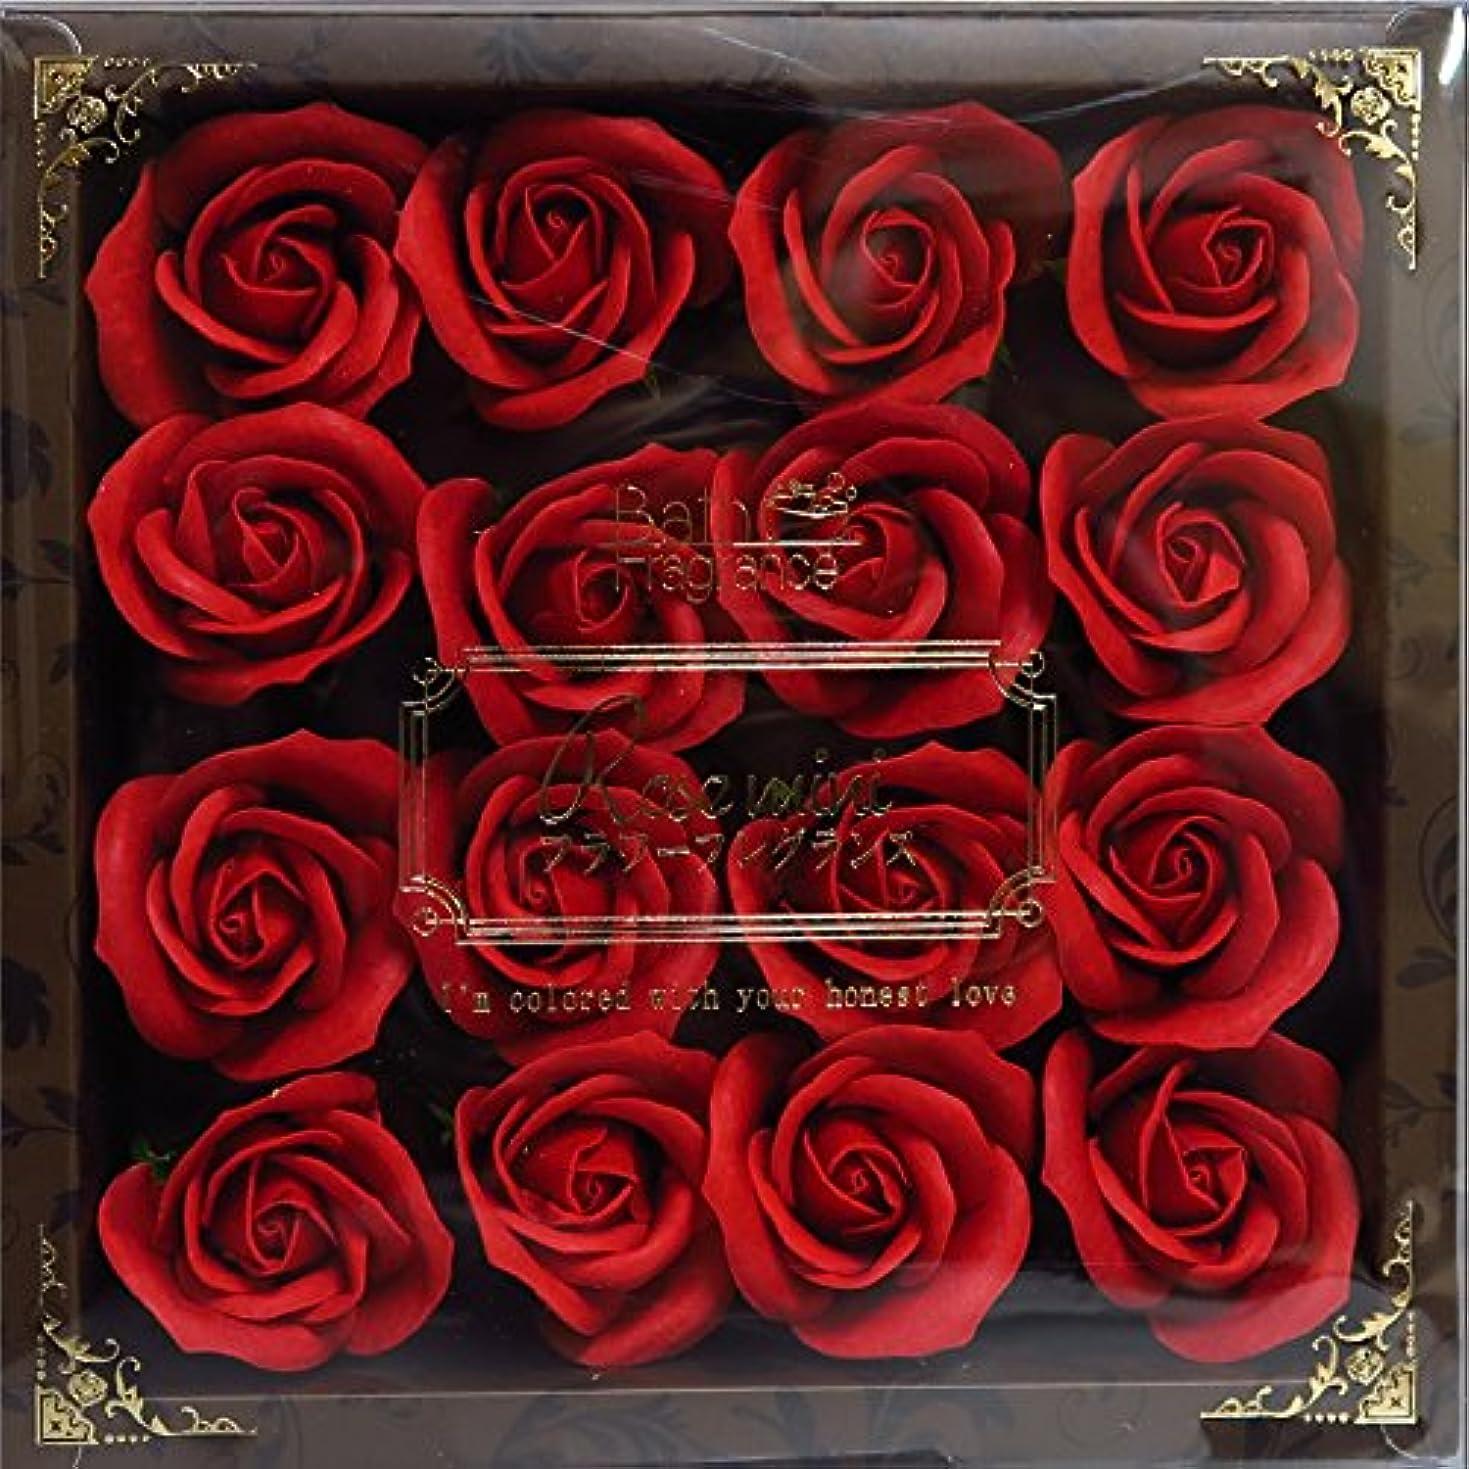 贈り物スポークスマンスケルトンバスフレグランス バスフラワー ミニローズフレグランス(M)レッド ギフト お花の形の入浴剤 プレゼント ばら